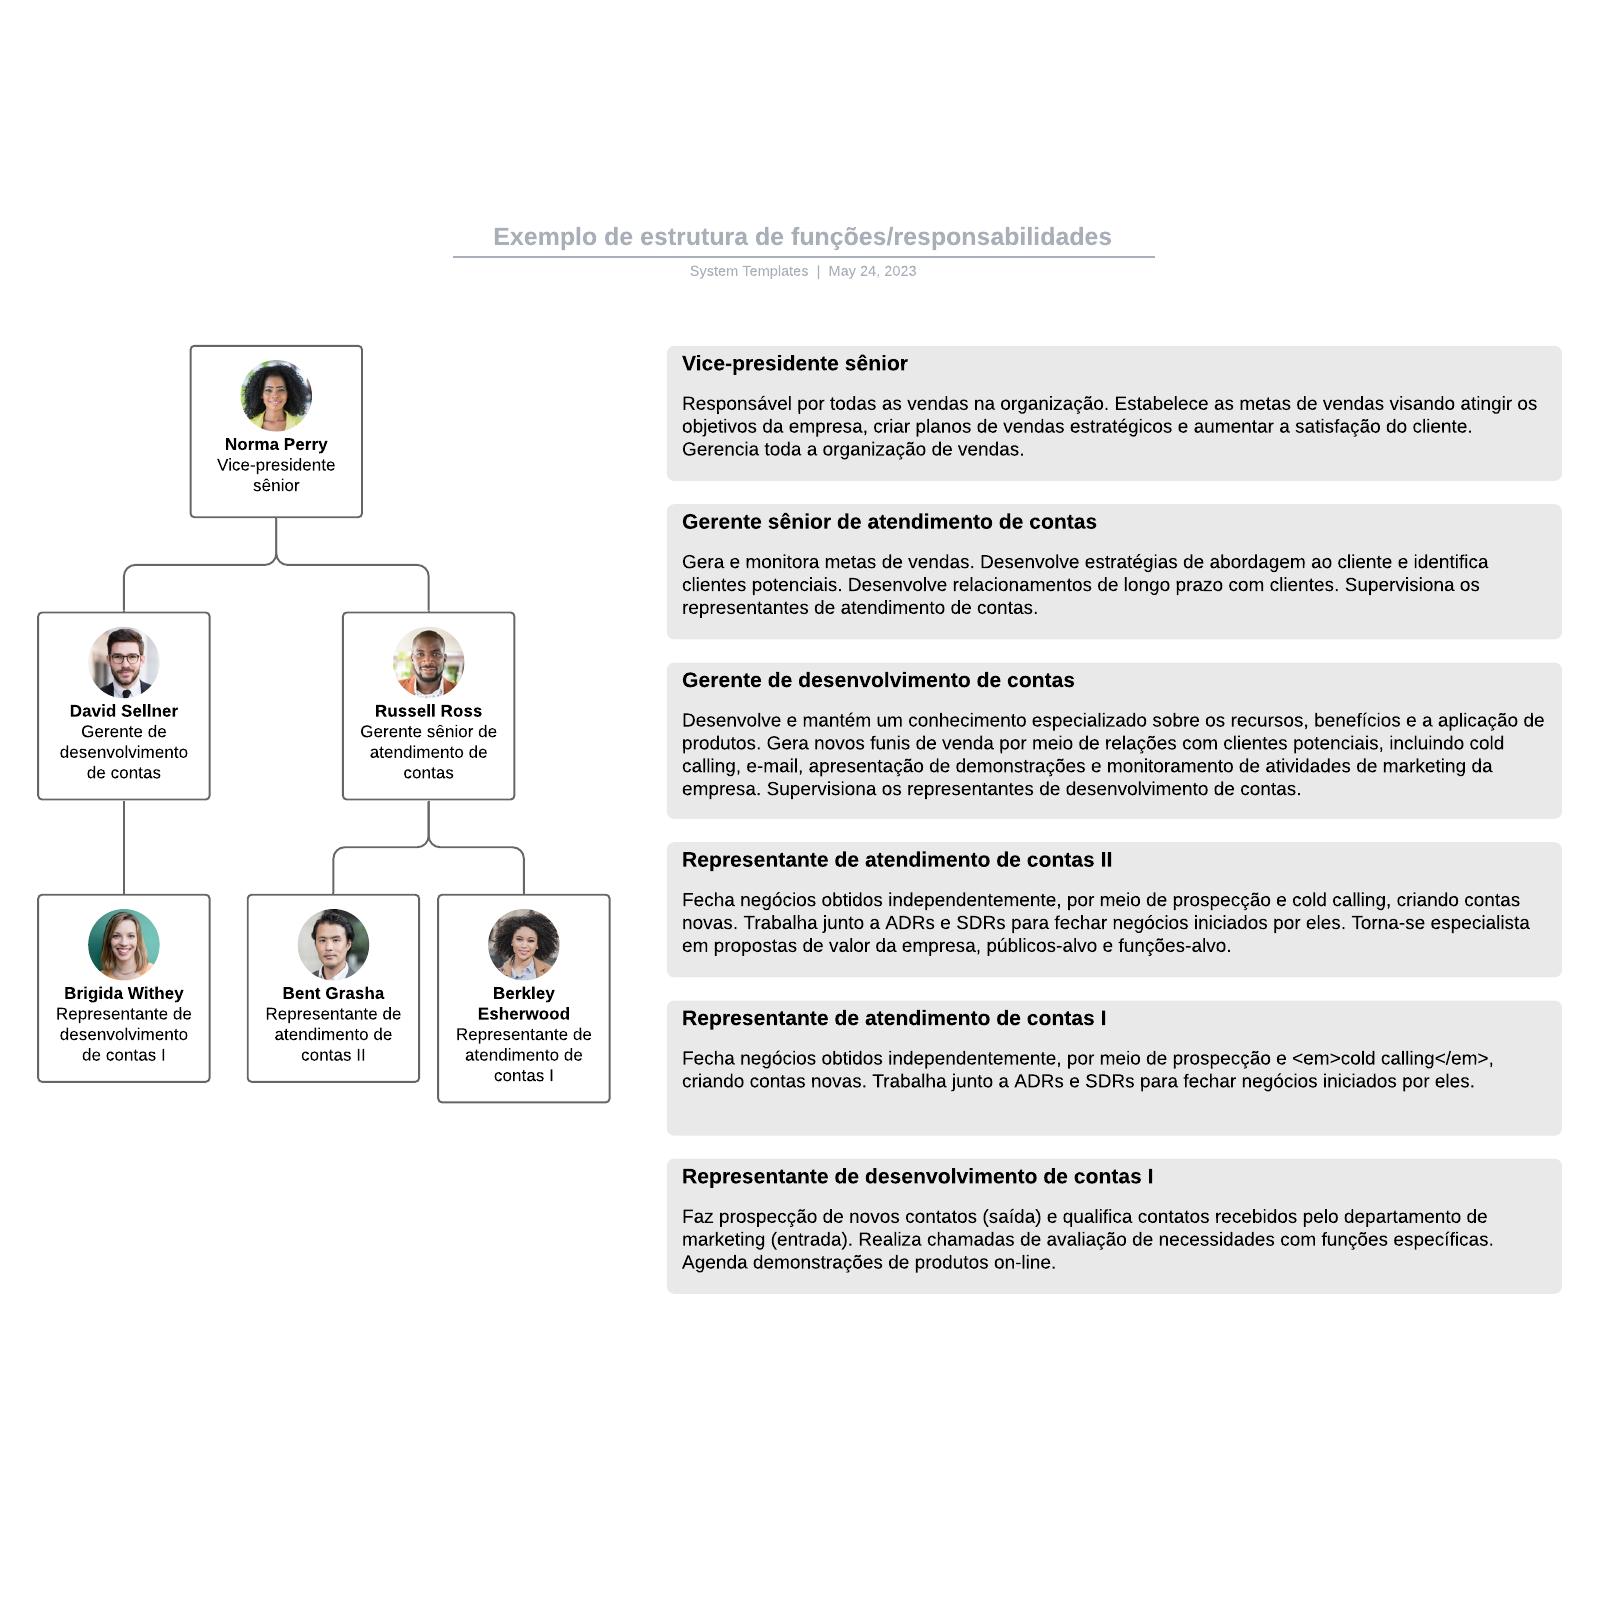 Exemplo de estrutura de funções/responsabilidades